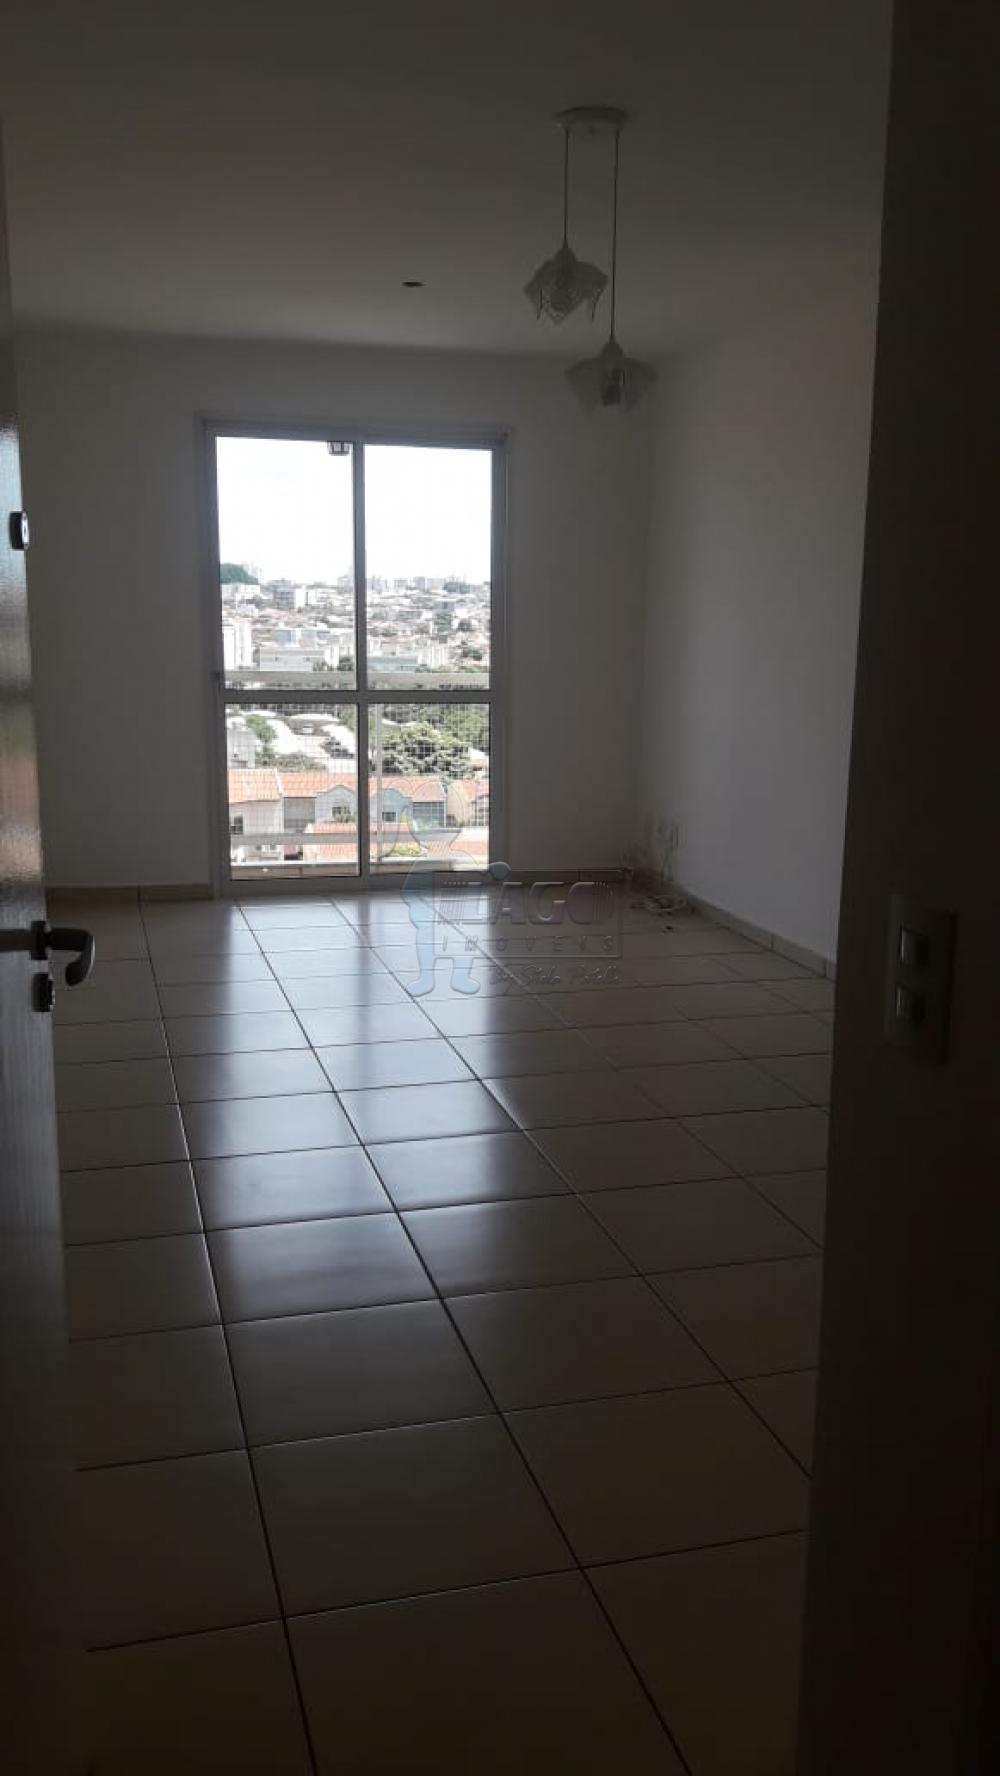 Comprar Apartamento / Padrão em Ribeirão Preto apenas R$ 205.000,00 - Foto 1